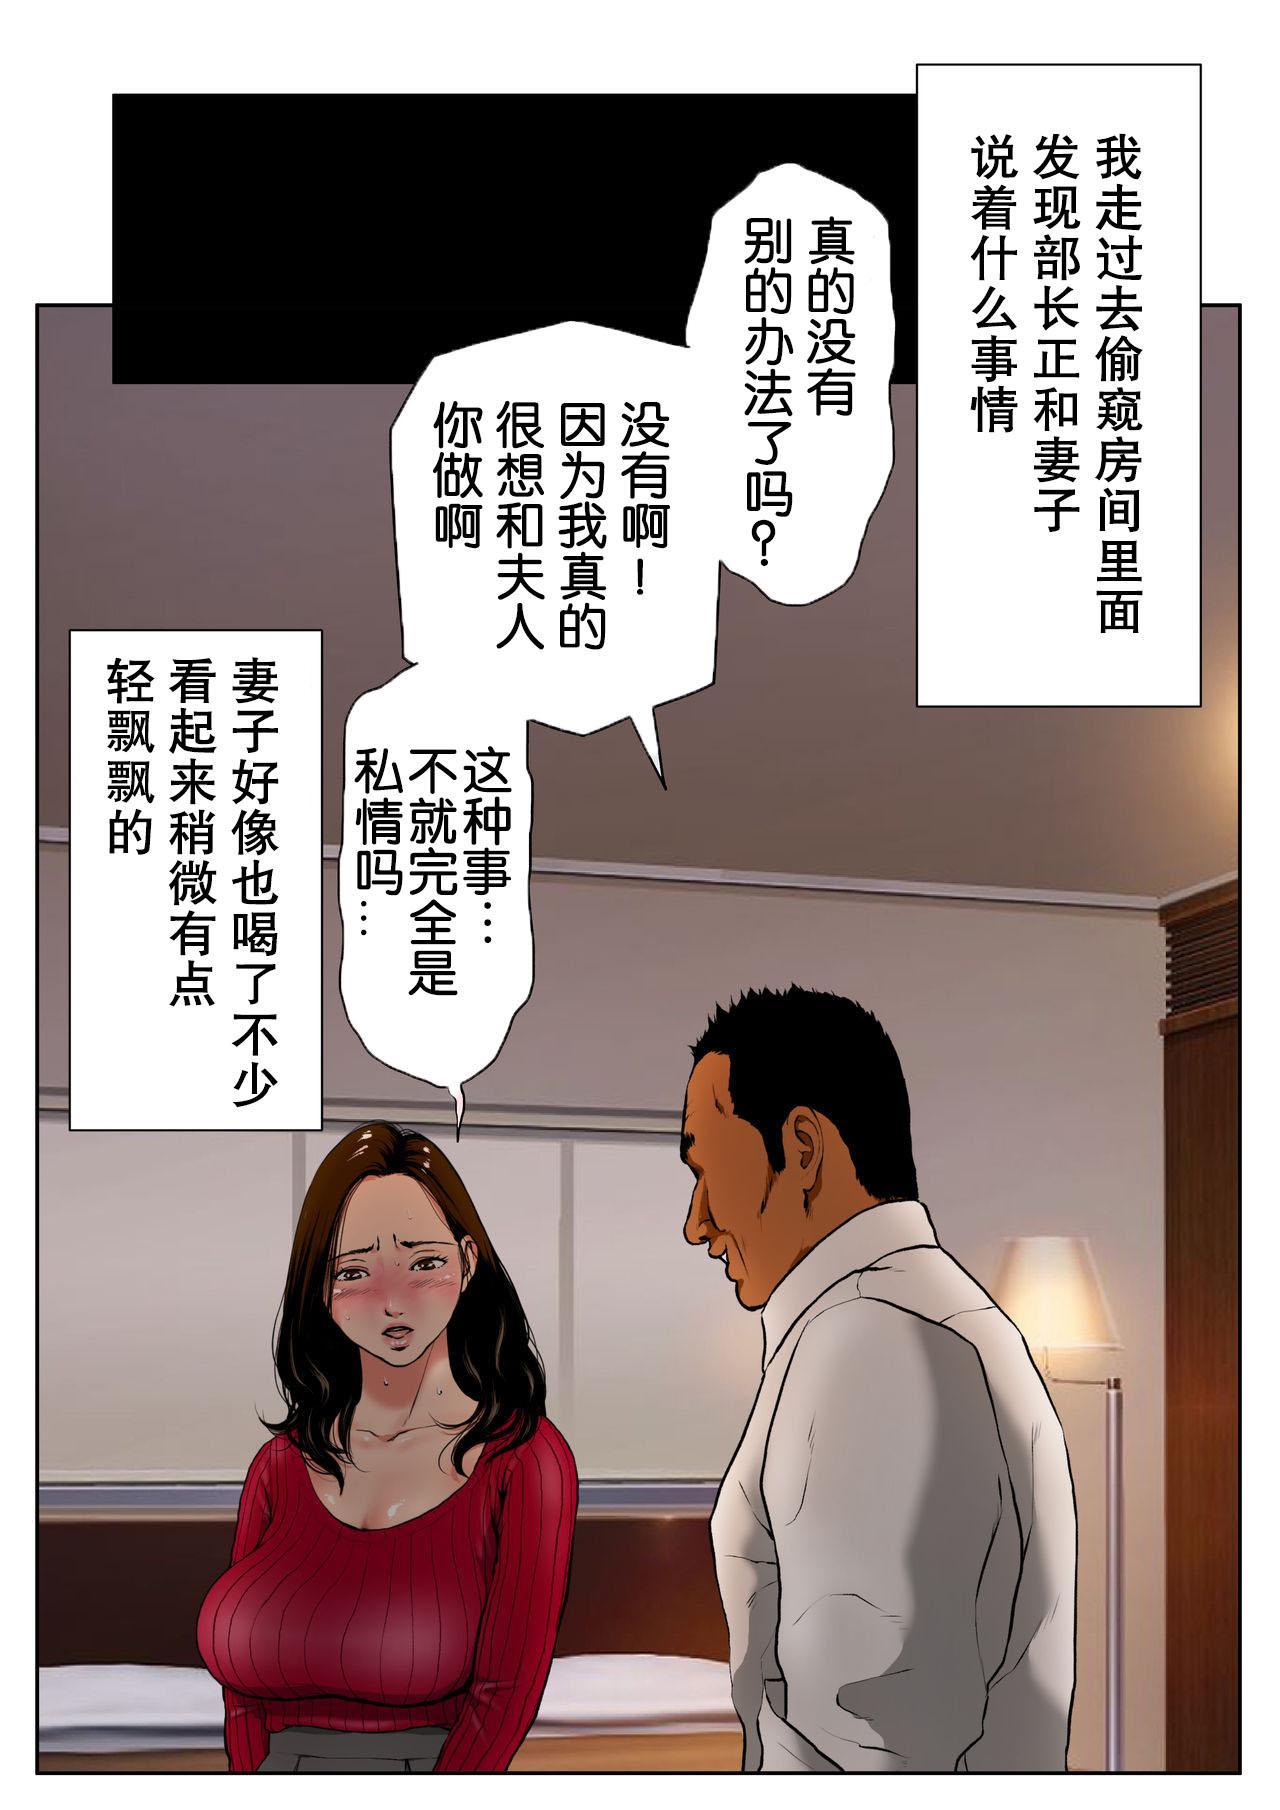 [W no Honnou] Shin, Boku no Tsuma to Kyokon no Moto AV Danyuu Buchou[Chinese]【不可视汉化】 18